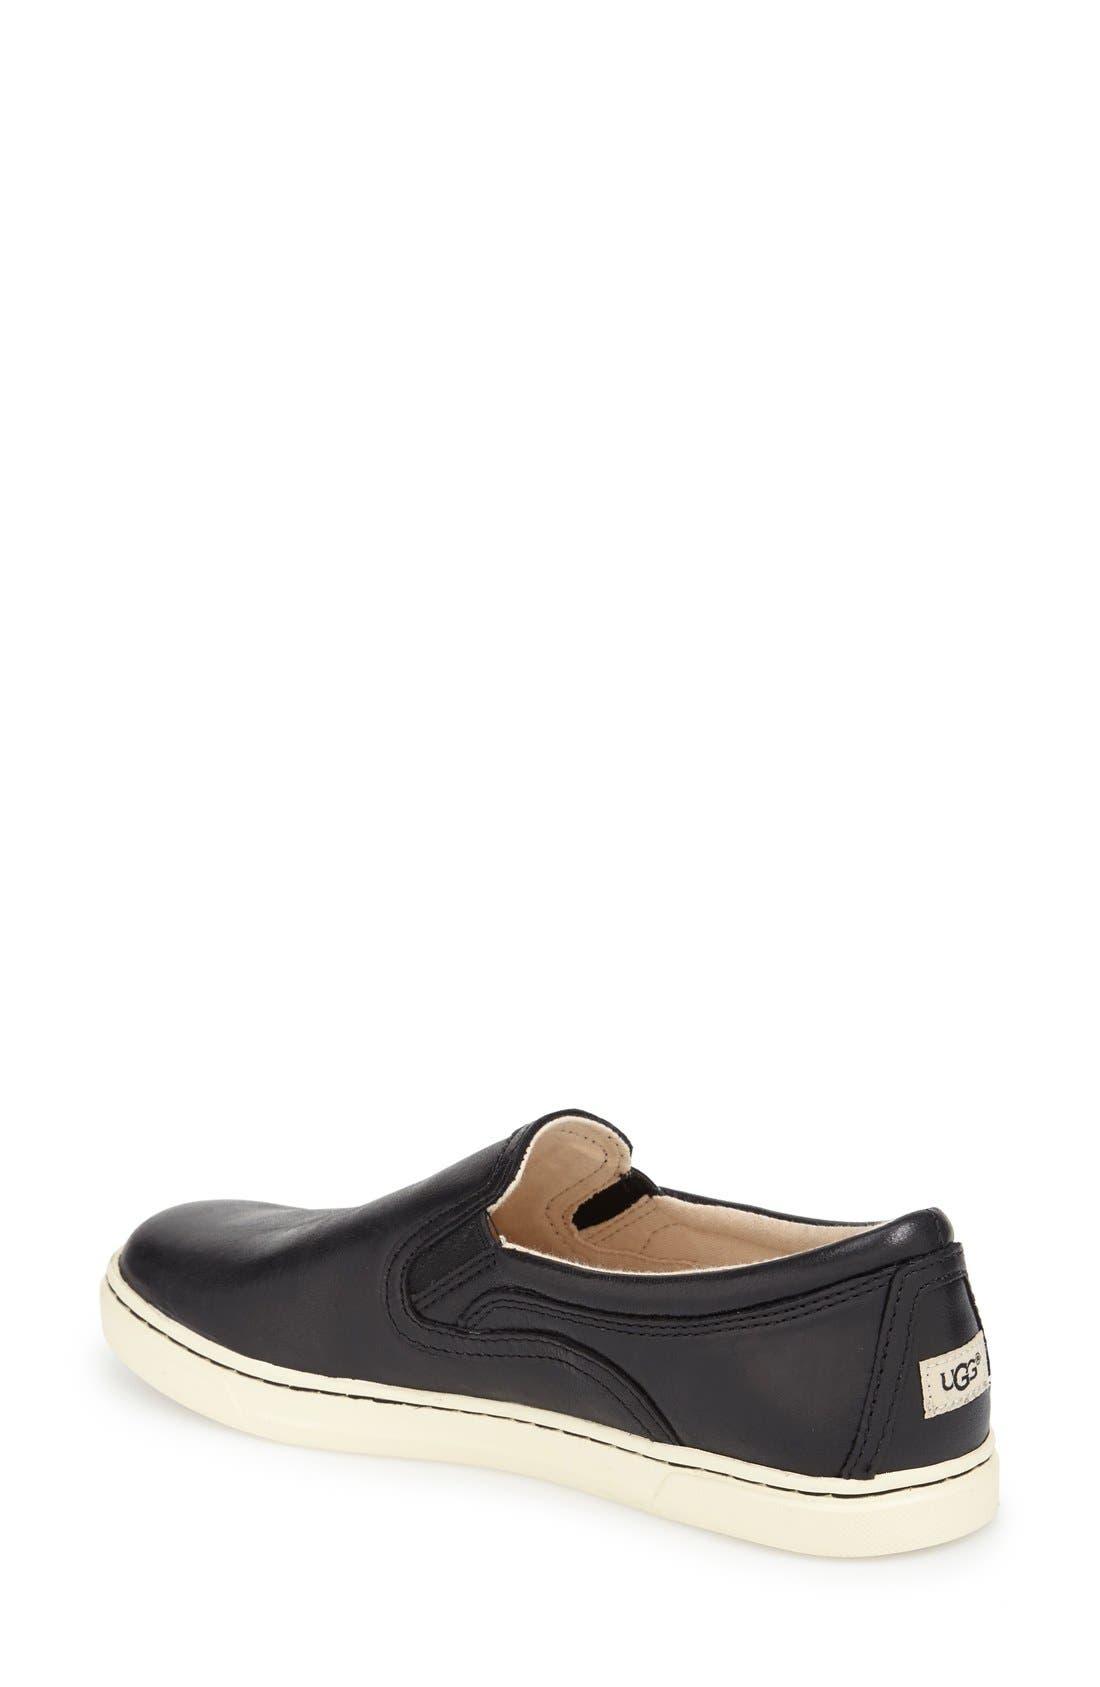 Alternate Image 2  - UGG® Fierce Sneaker (Women)